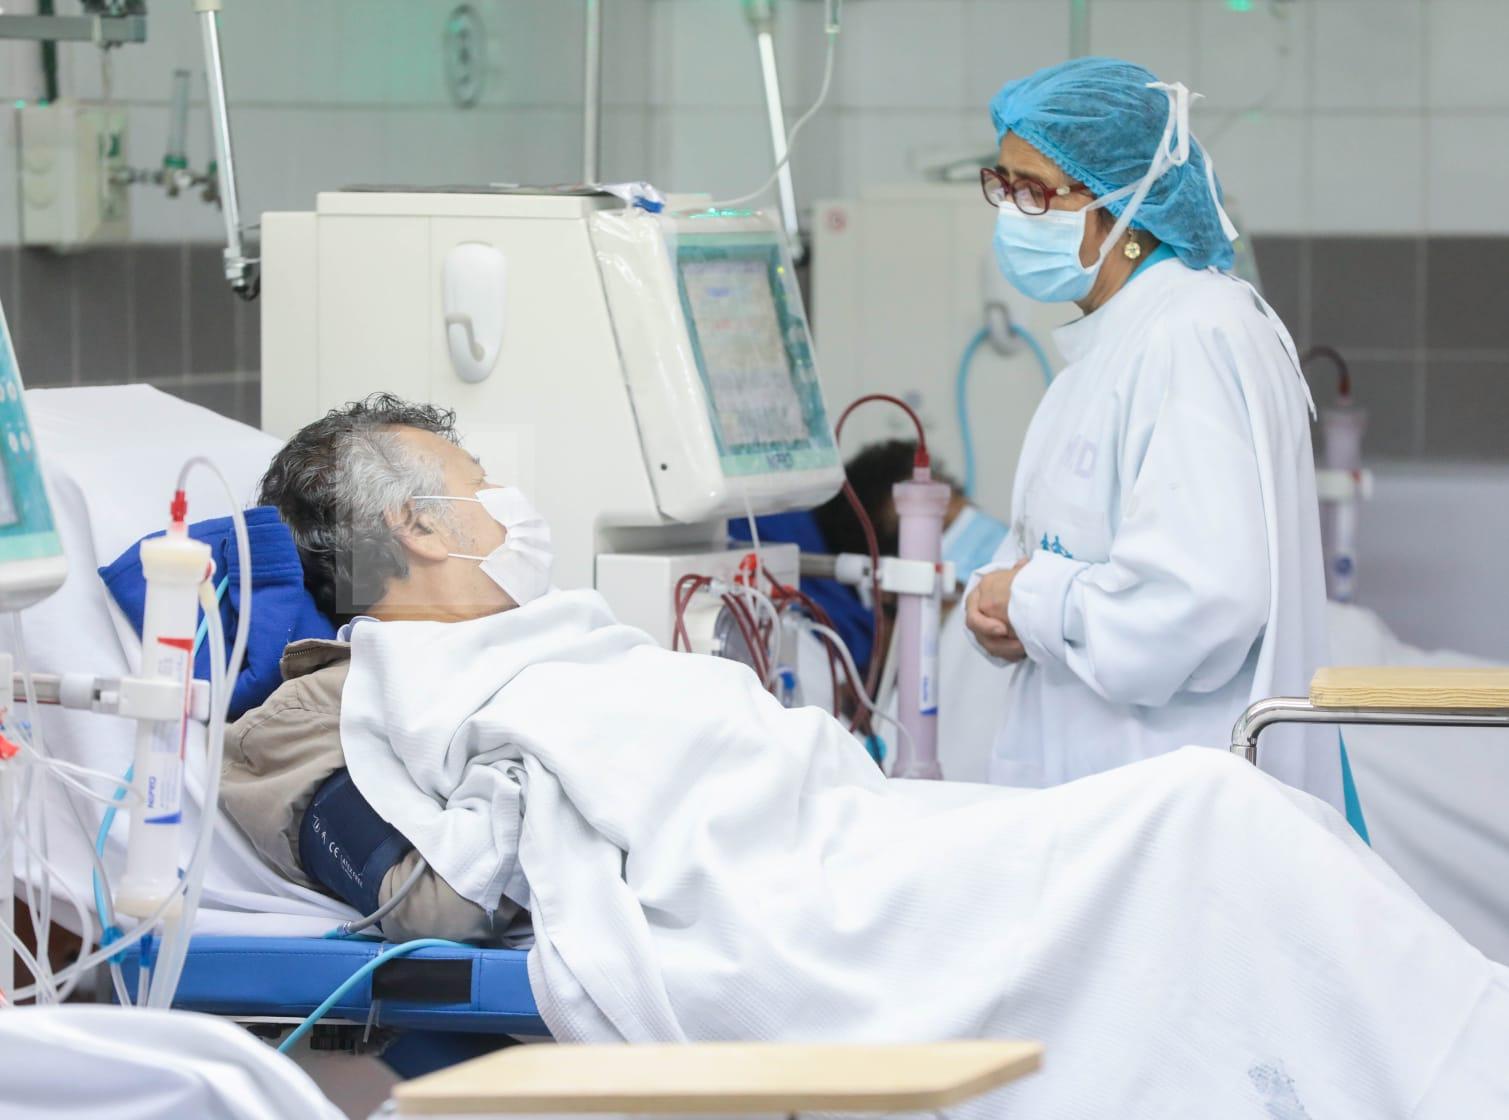 Essalud - 550 pacientes de EsSalud en Cusco y Áncash recibieron sesiones de hemodiálisis en período de pandemia